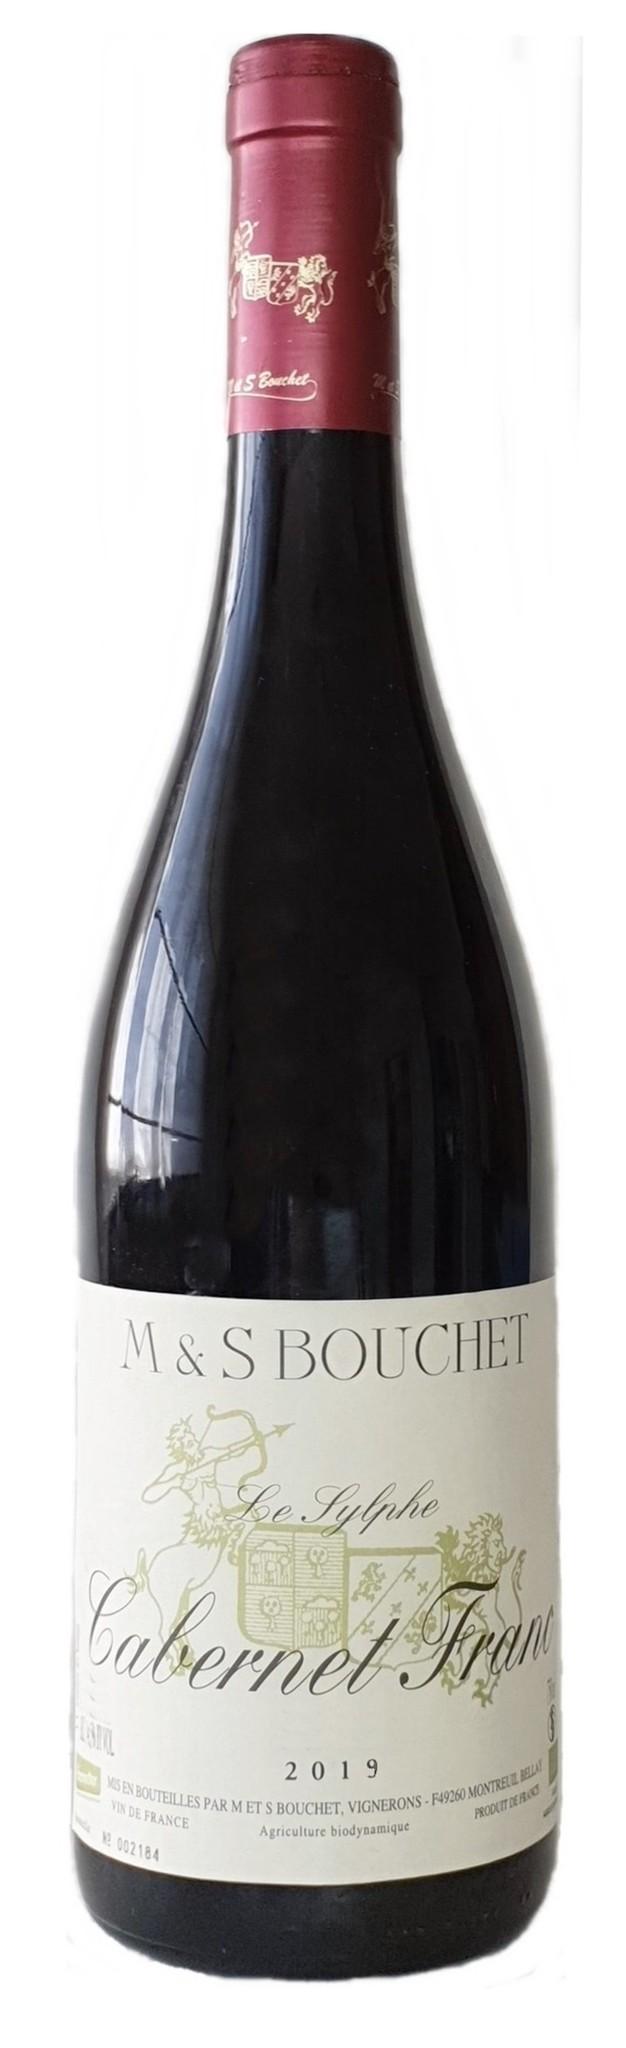 Bouchet, M&S - Loire 2019 Cabernet Franc le Sylphe, M & S Bouchet